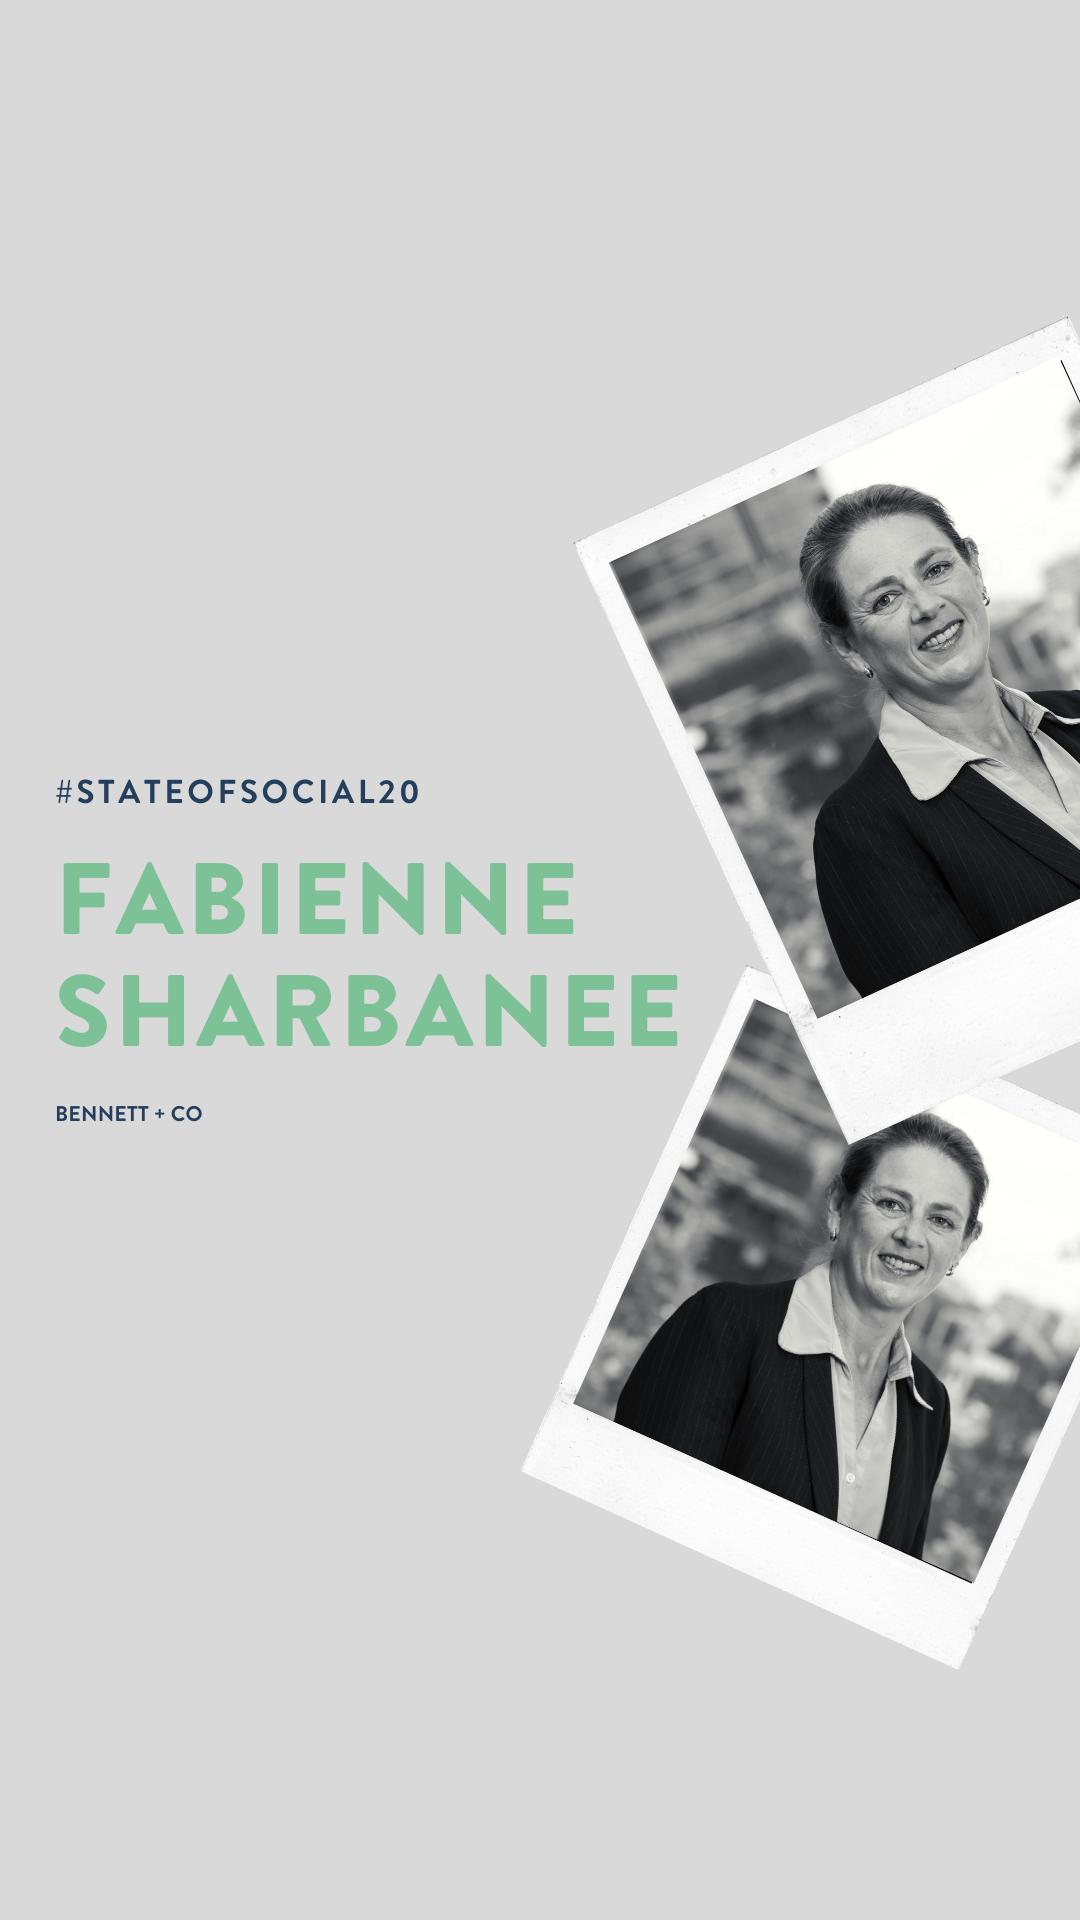 FABIENNE SHARBANEE